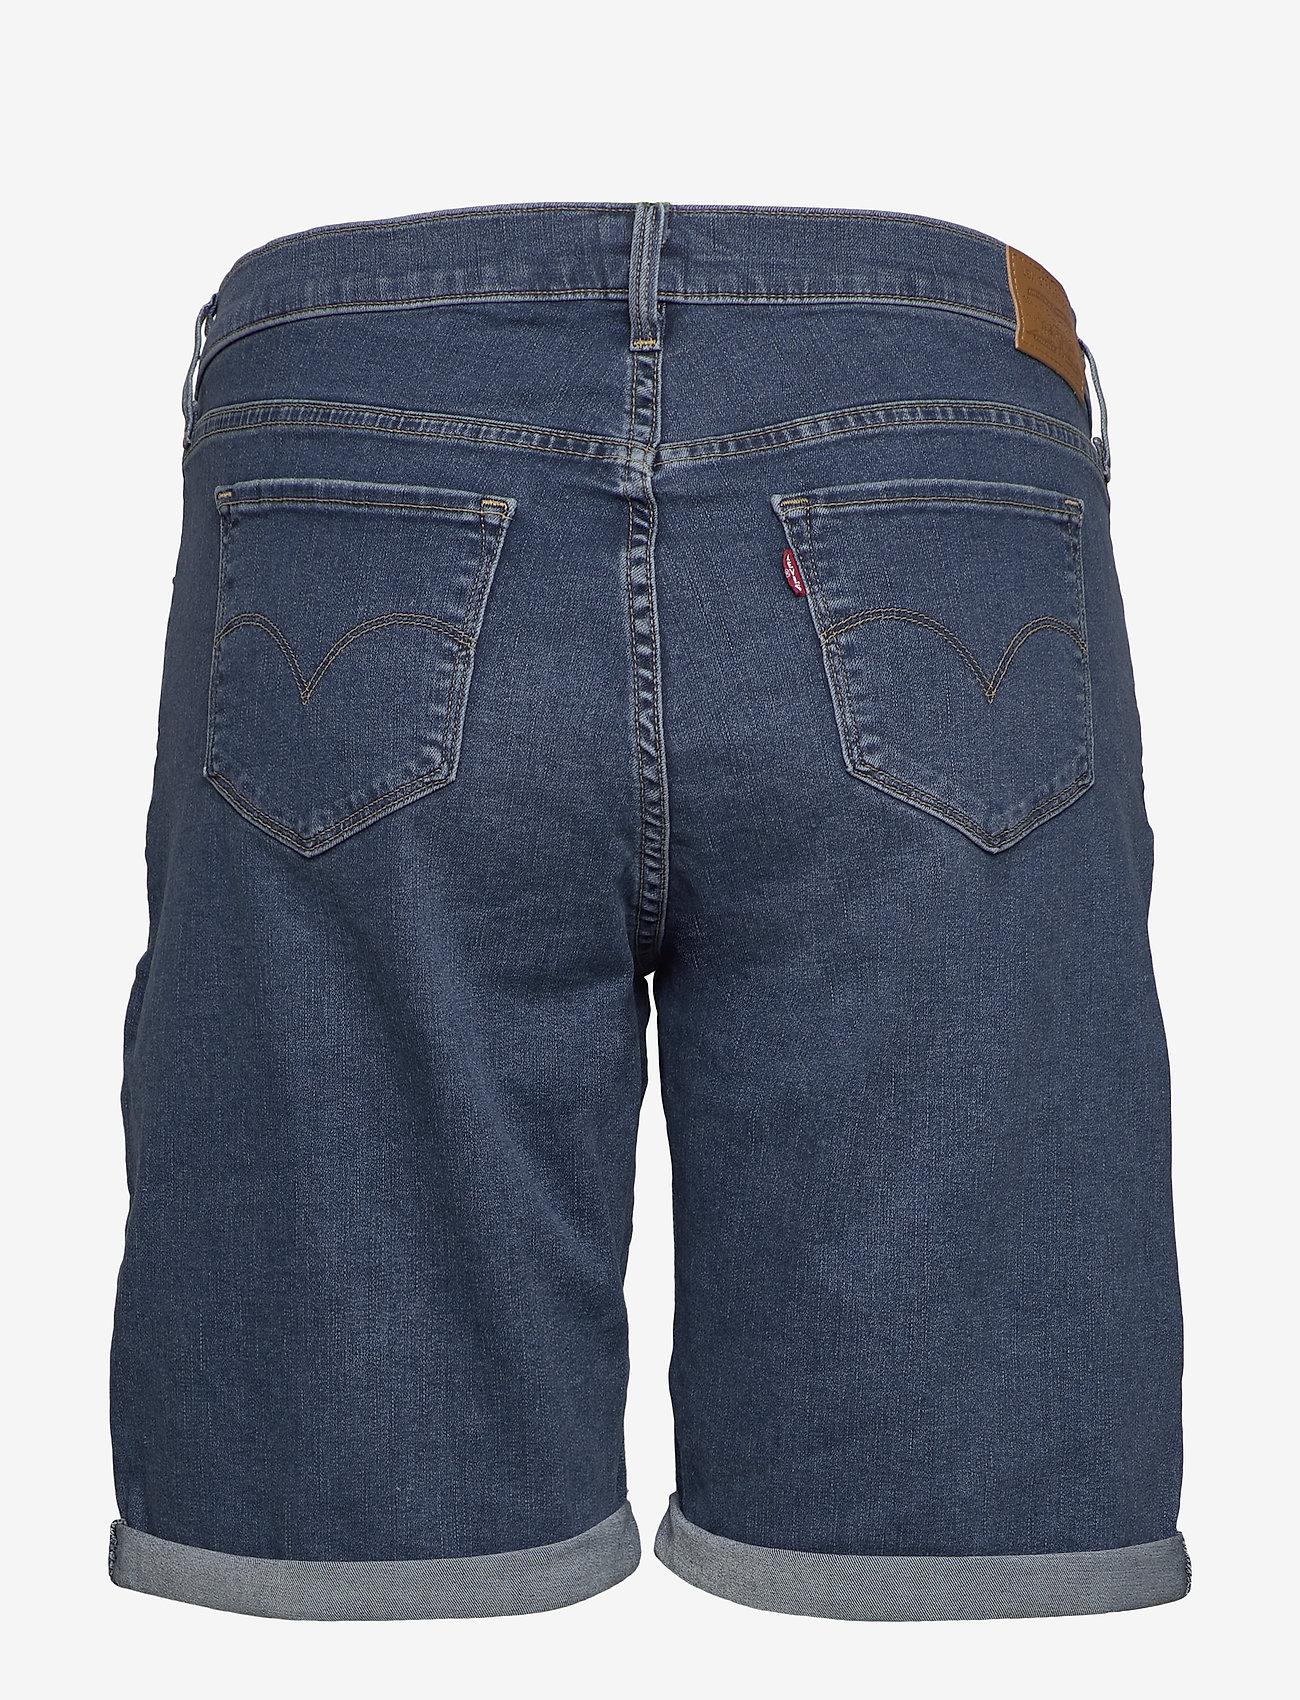 Levi's Plus Size - PL SHAPING BERMUDA PARIS RAIN - med indigo - worn in - 1